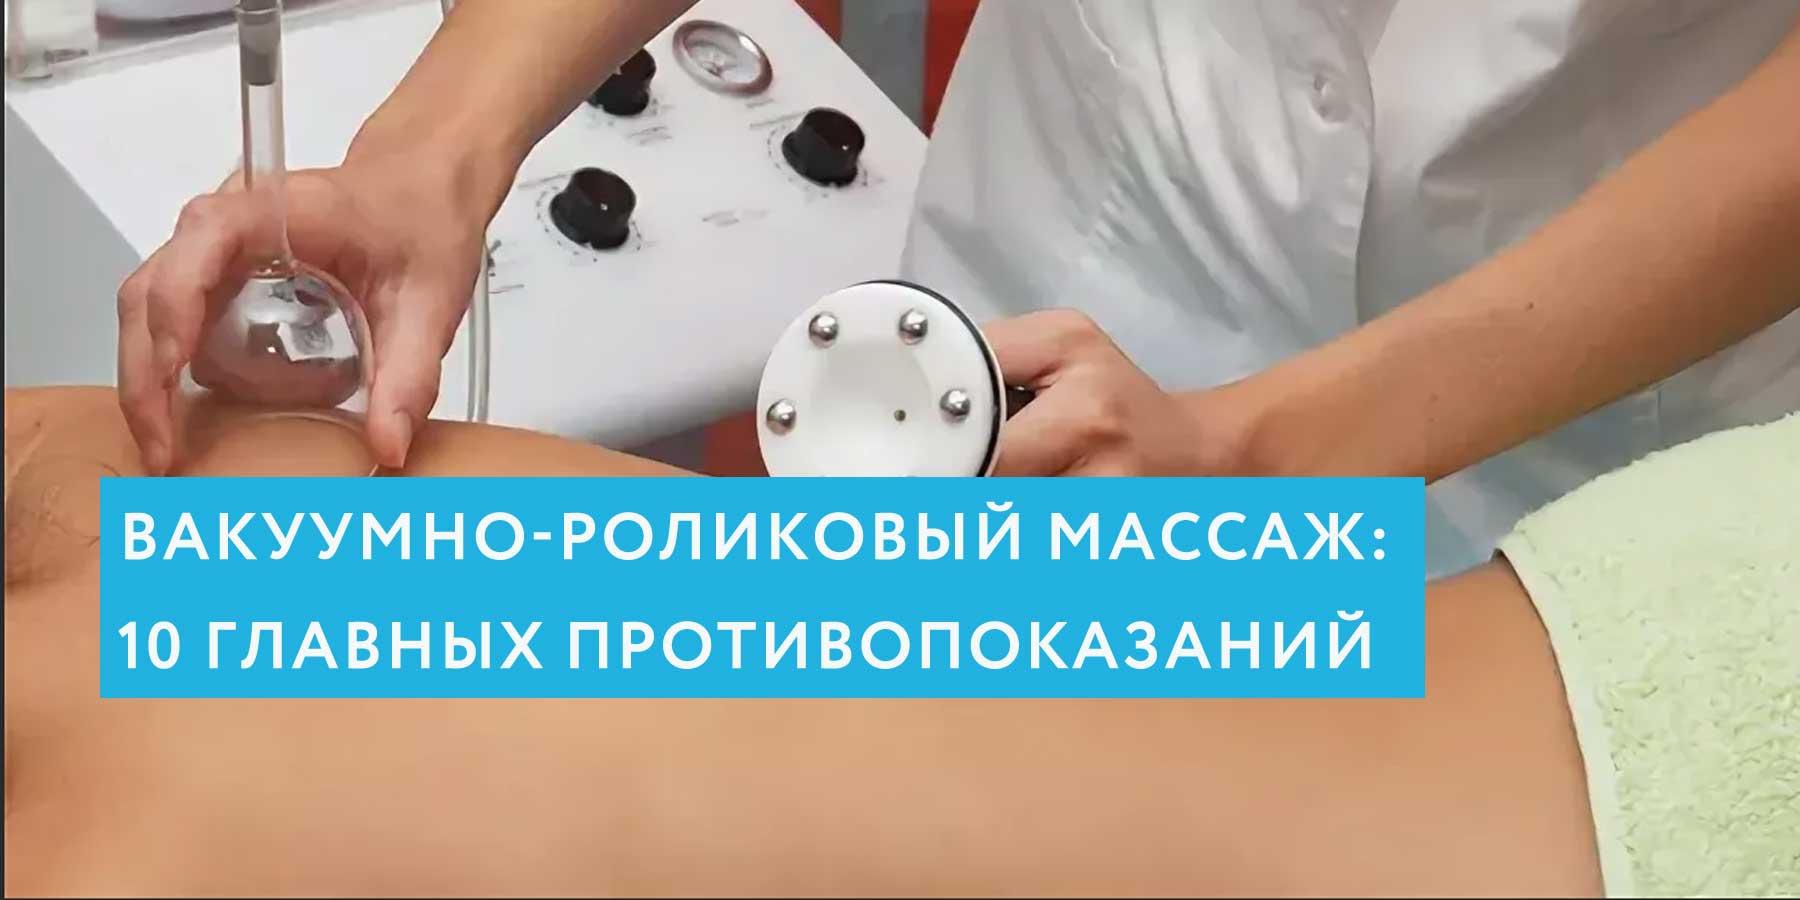 Вакуумно-роликовый массаж: 10 главных противопоказаний к проведению процедуры